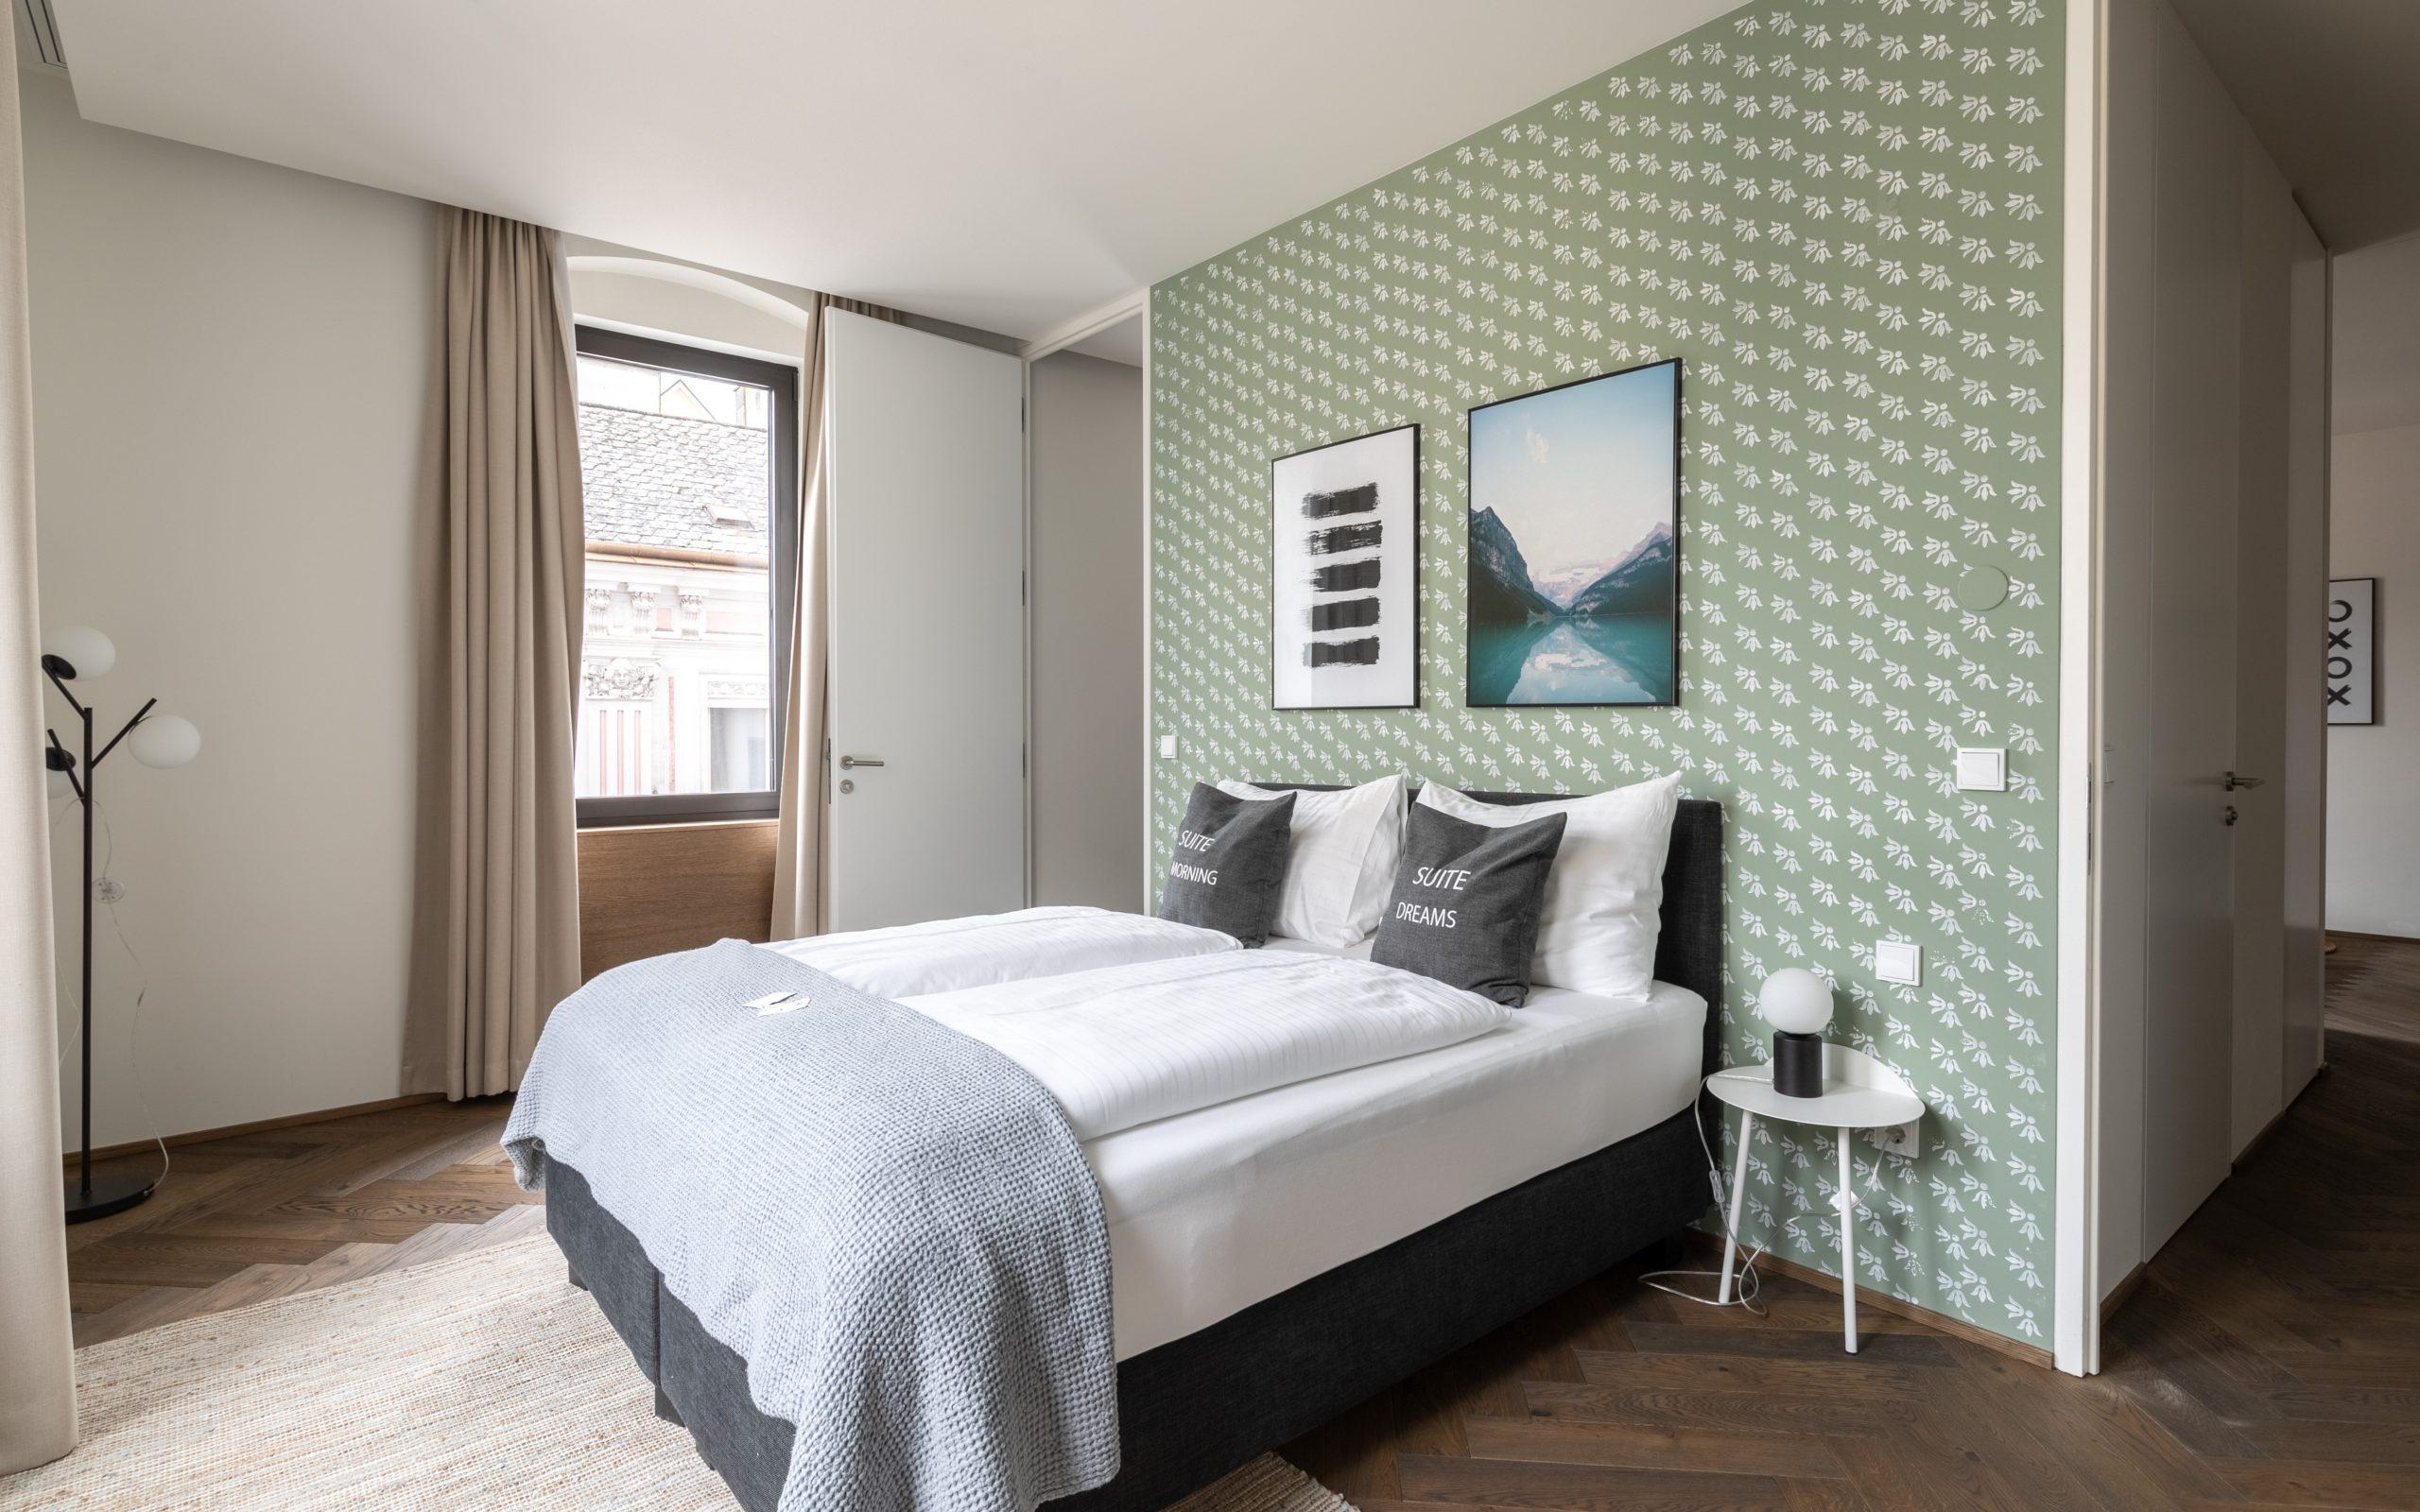 limehome-linz-schillerstrasse-deluxe-suite-204-bedroom-1_BEARBEITET_AA